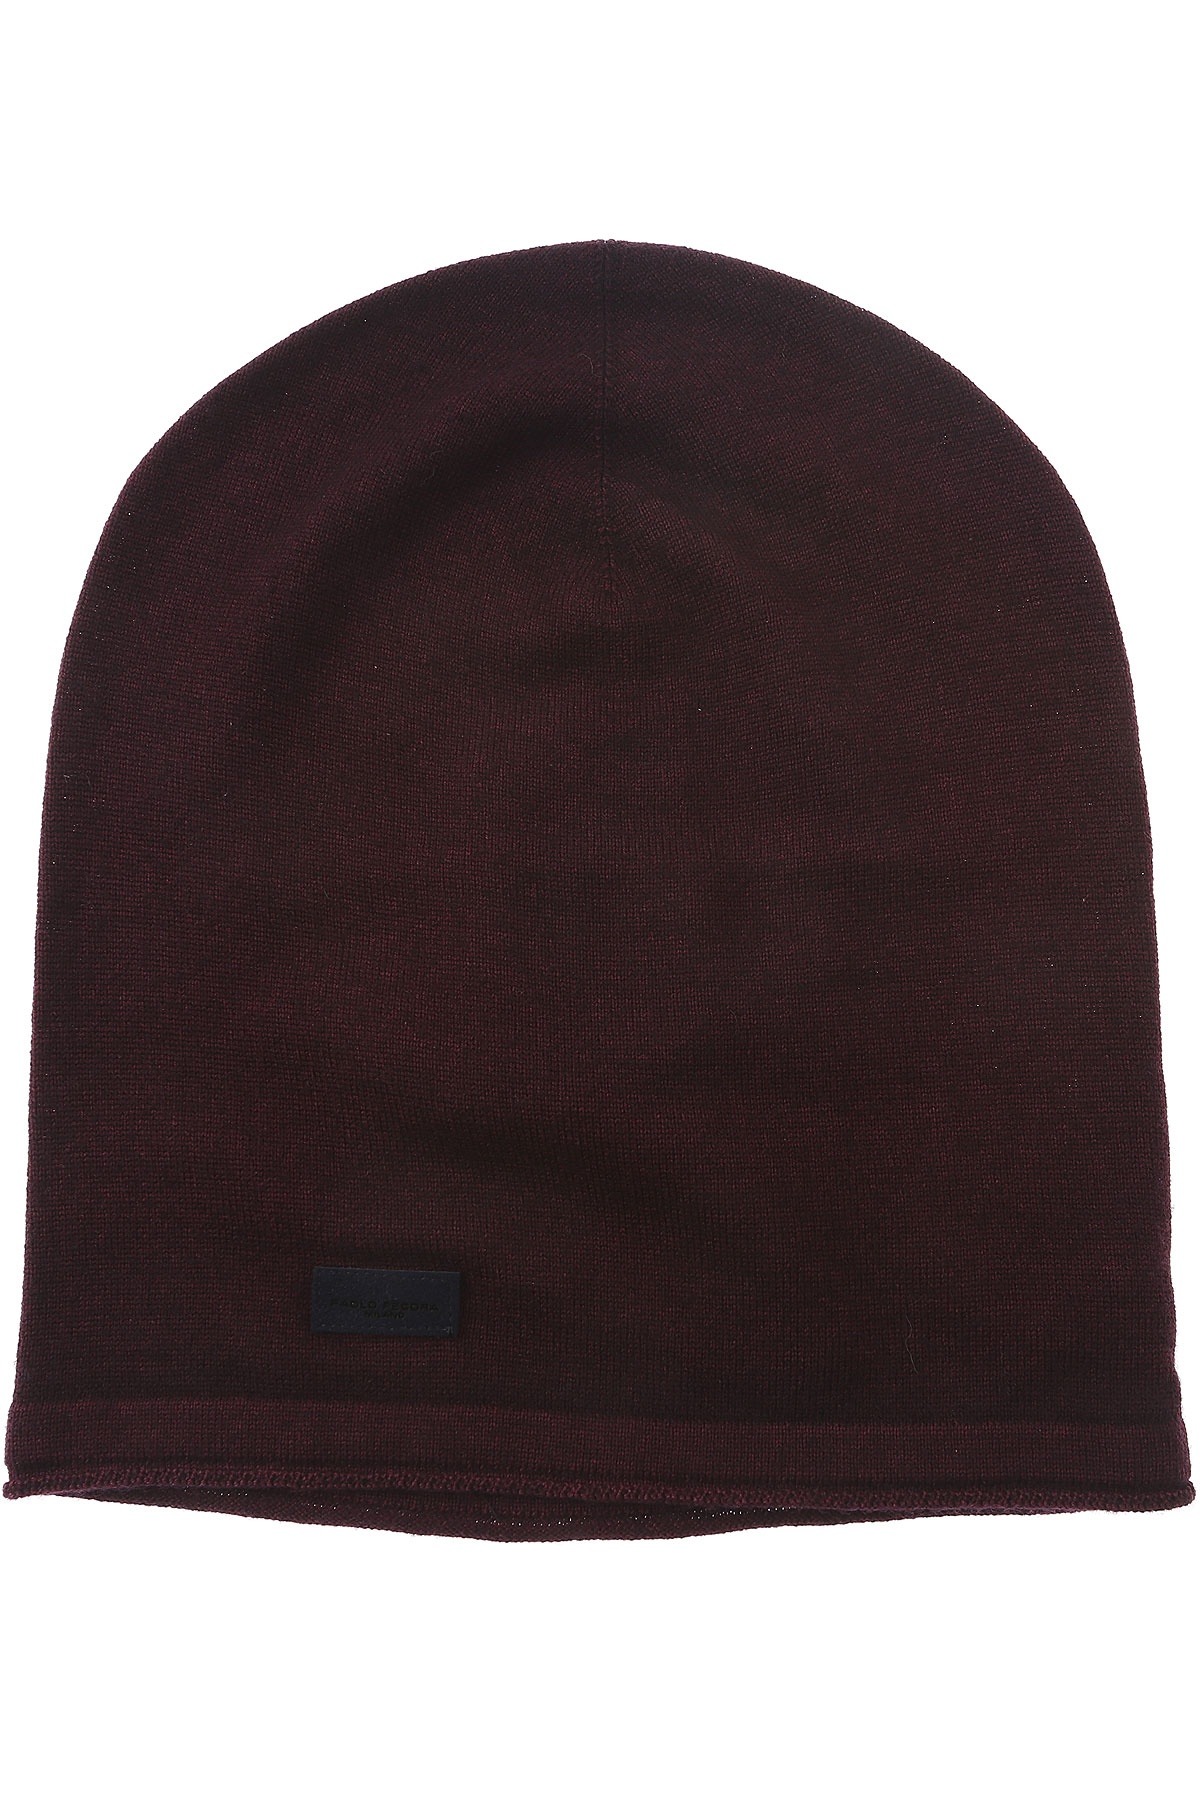 Image of Paolo Pecora Hat for Women On Sale, Purple, fleece wool, 2017